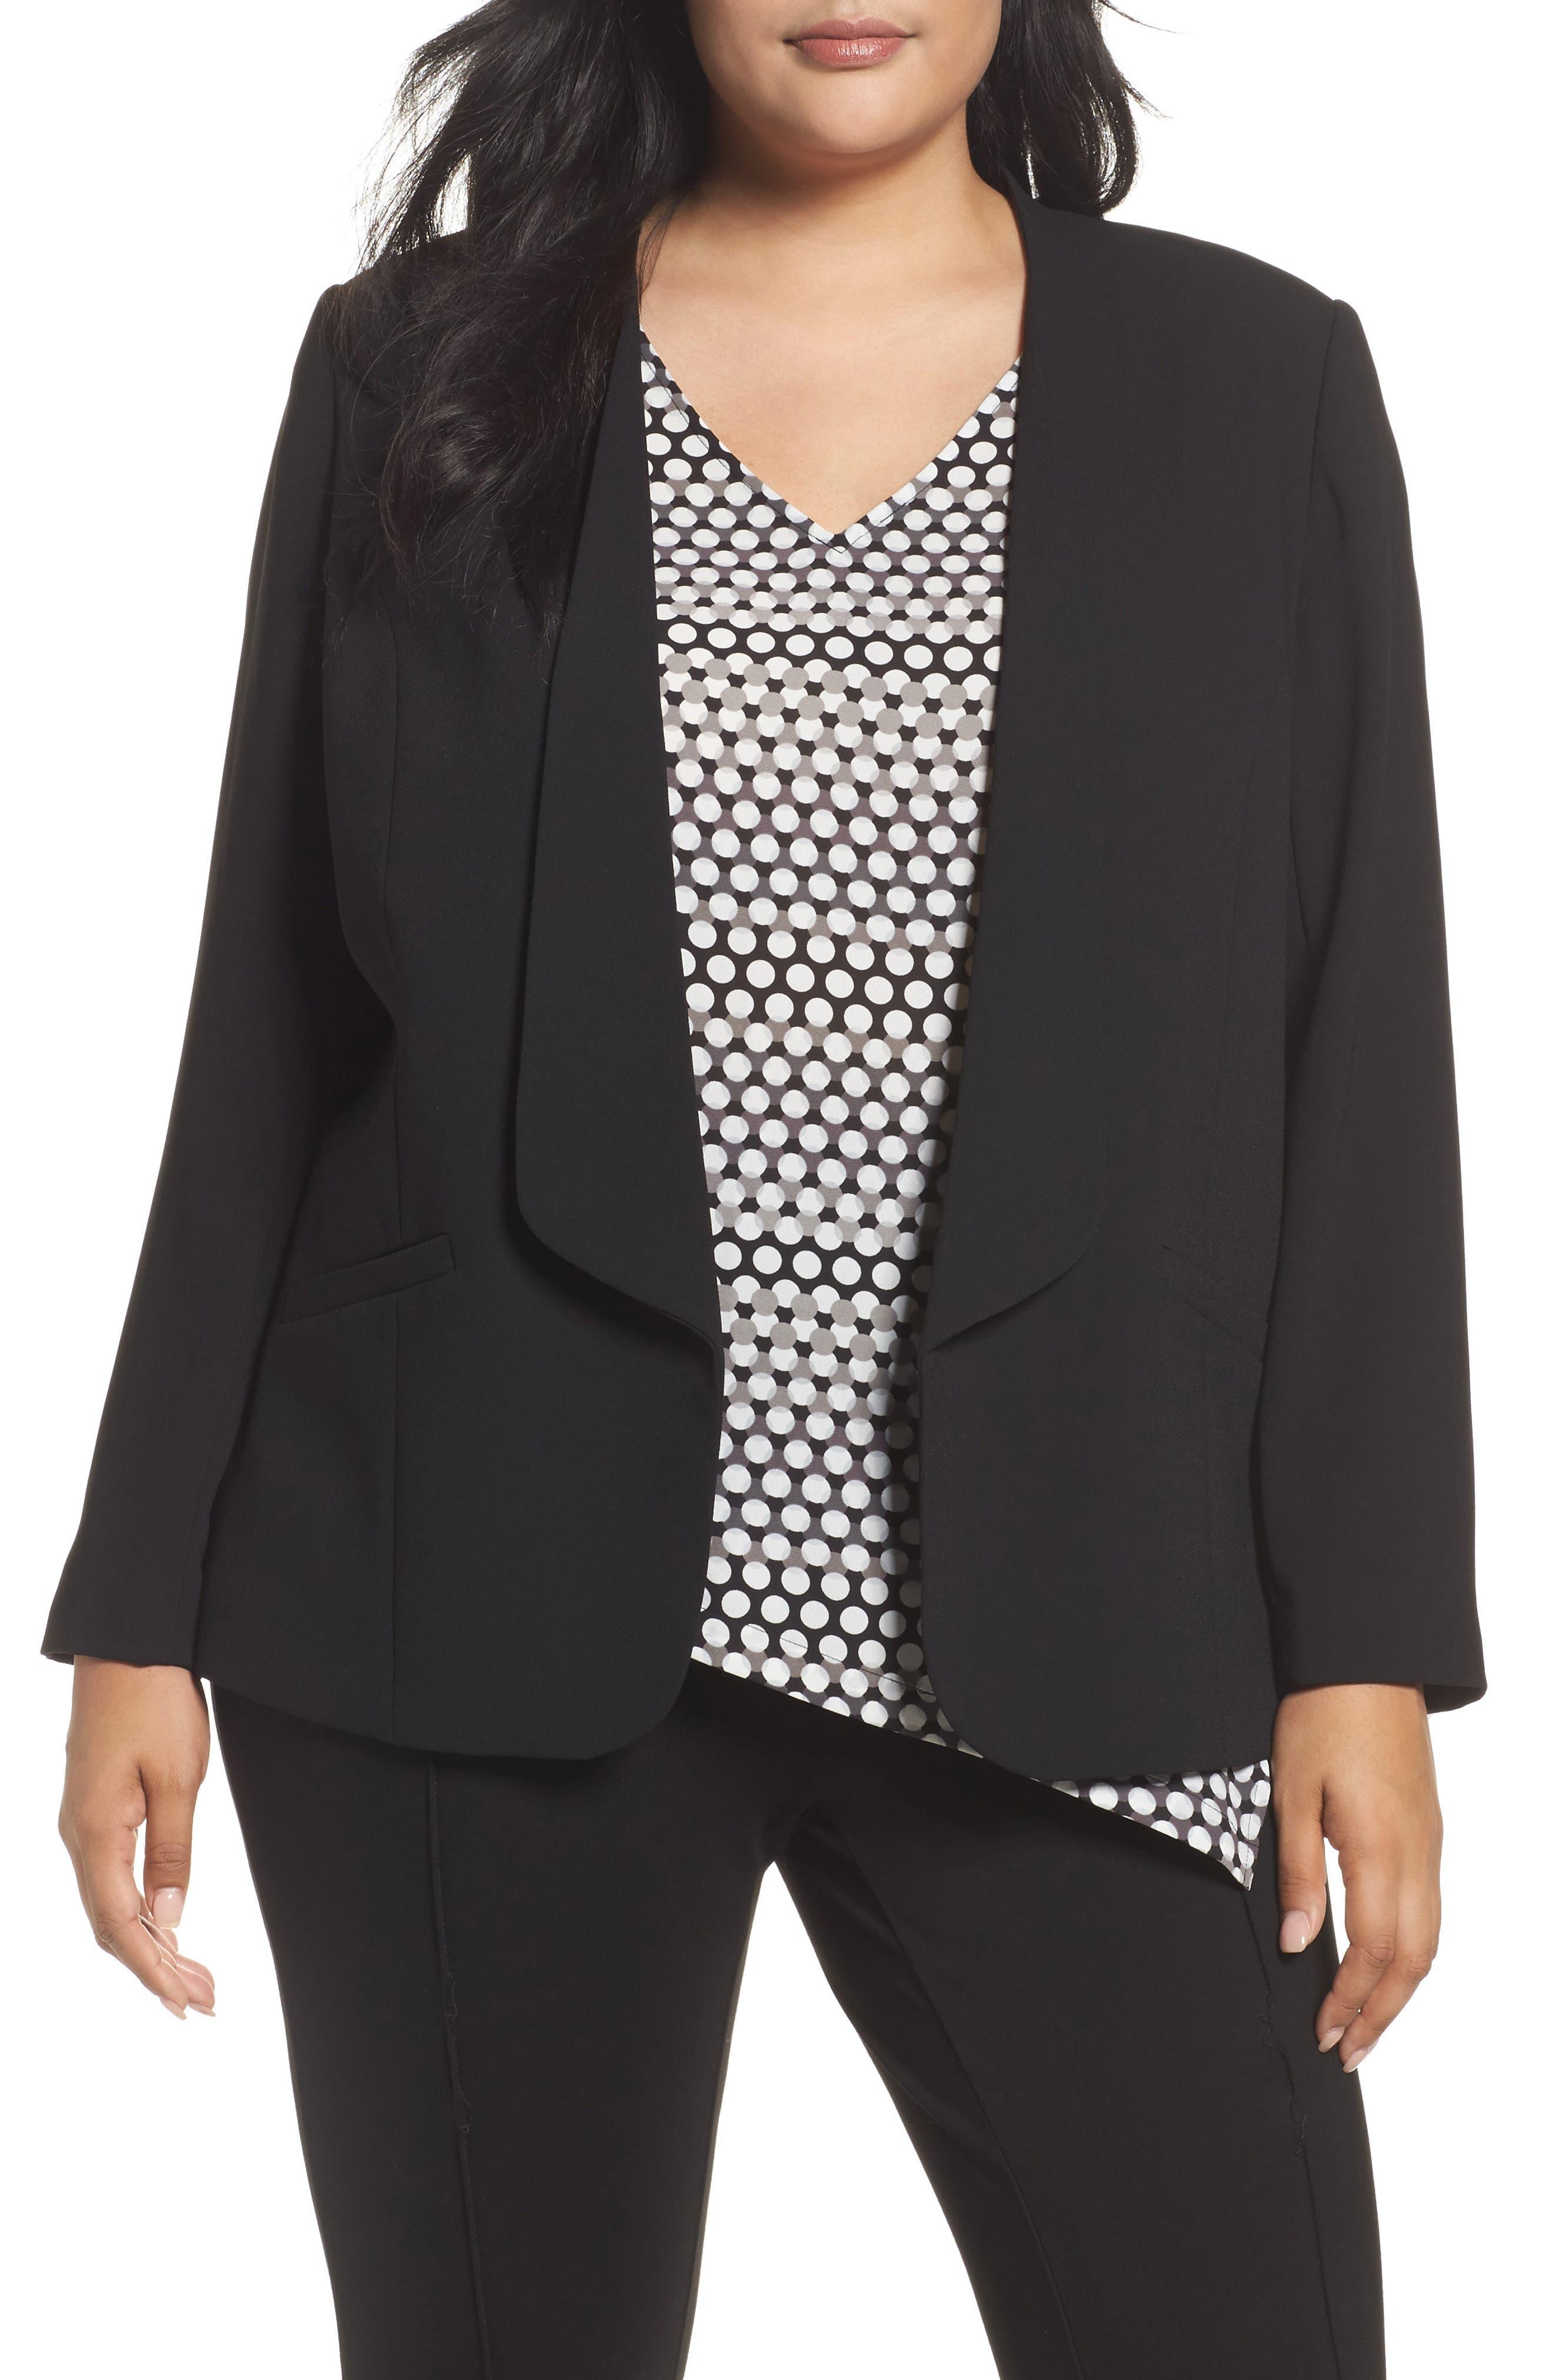 Main Image - Sejour Drape Front Crepe Jacket (Plus Size)